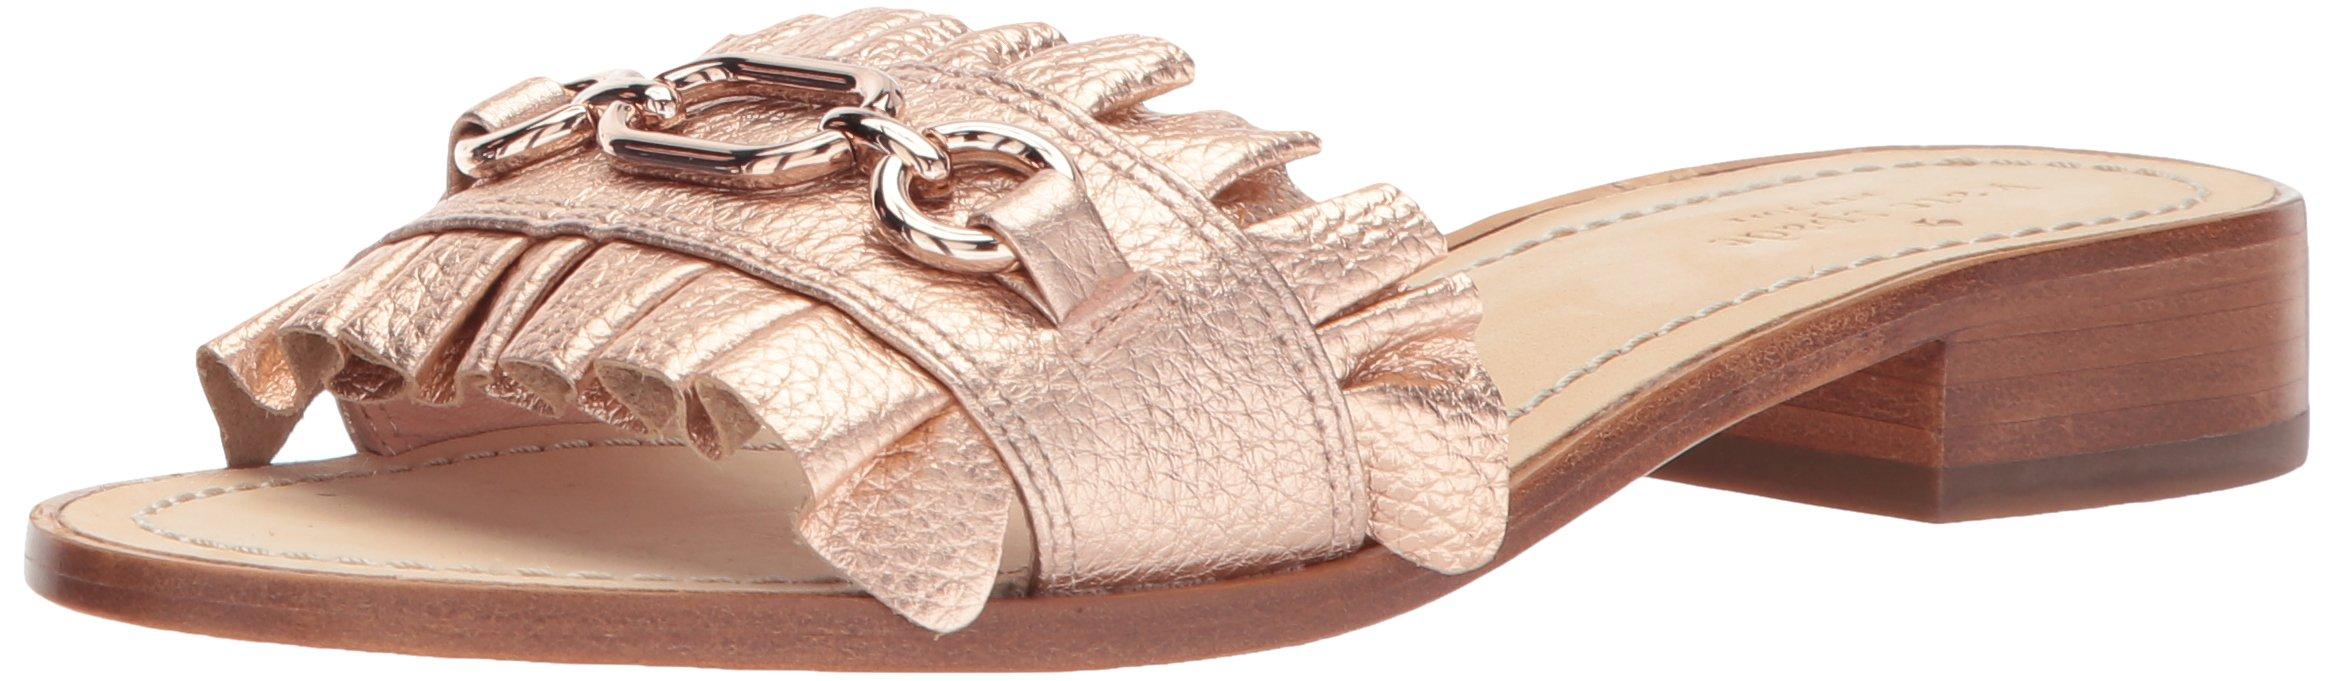 kate spade new york Women's Beau Slide Sandal, Rose Gold, 9 M US